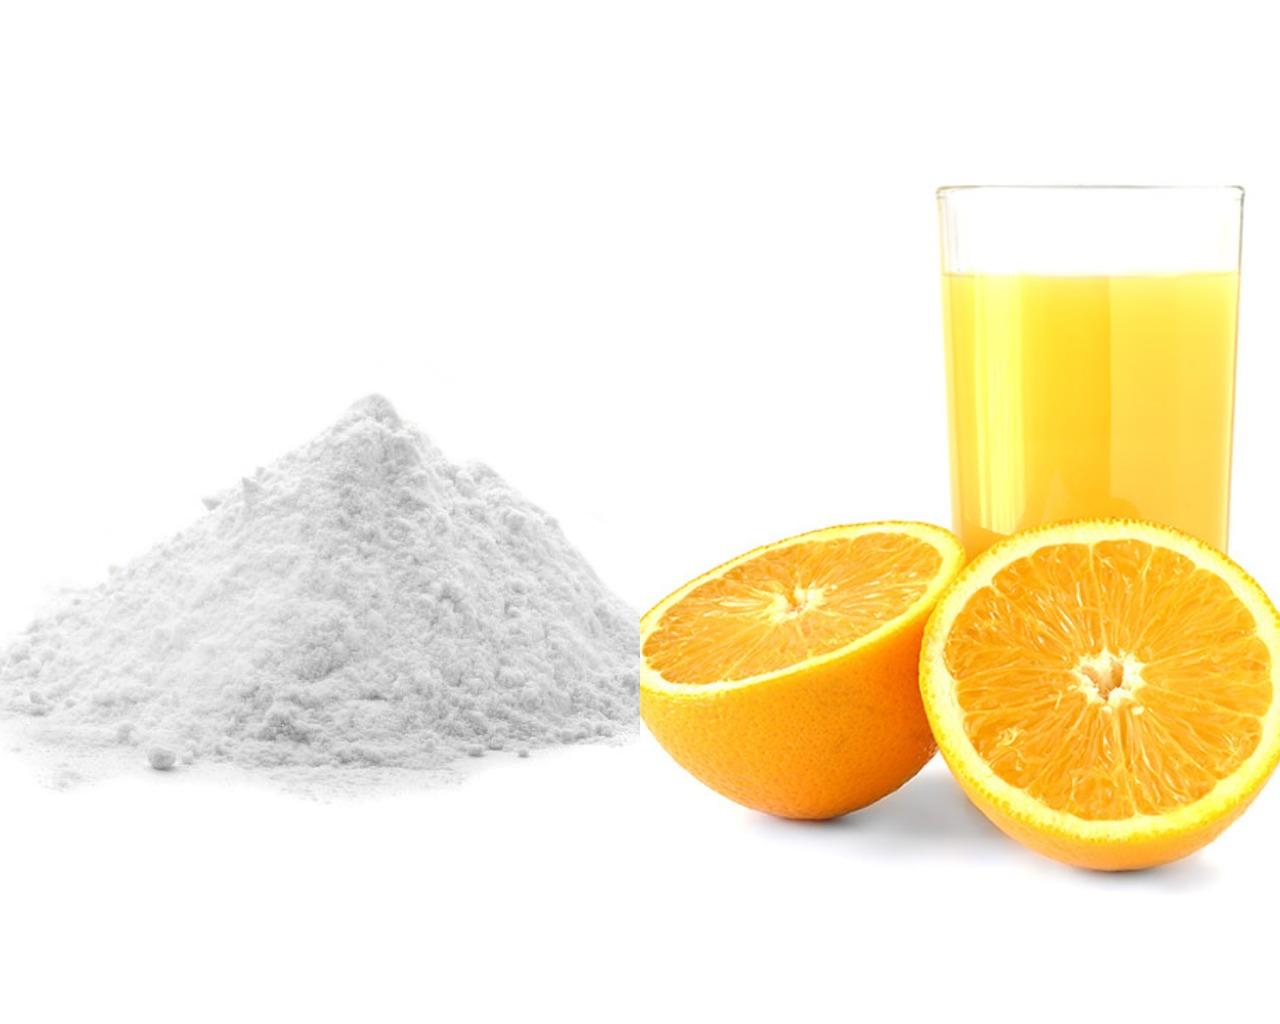 Сахарная пудра и апельсиновый сок